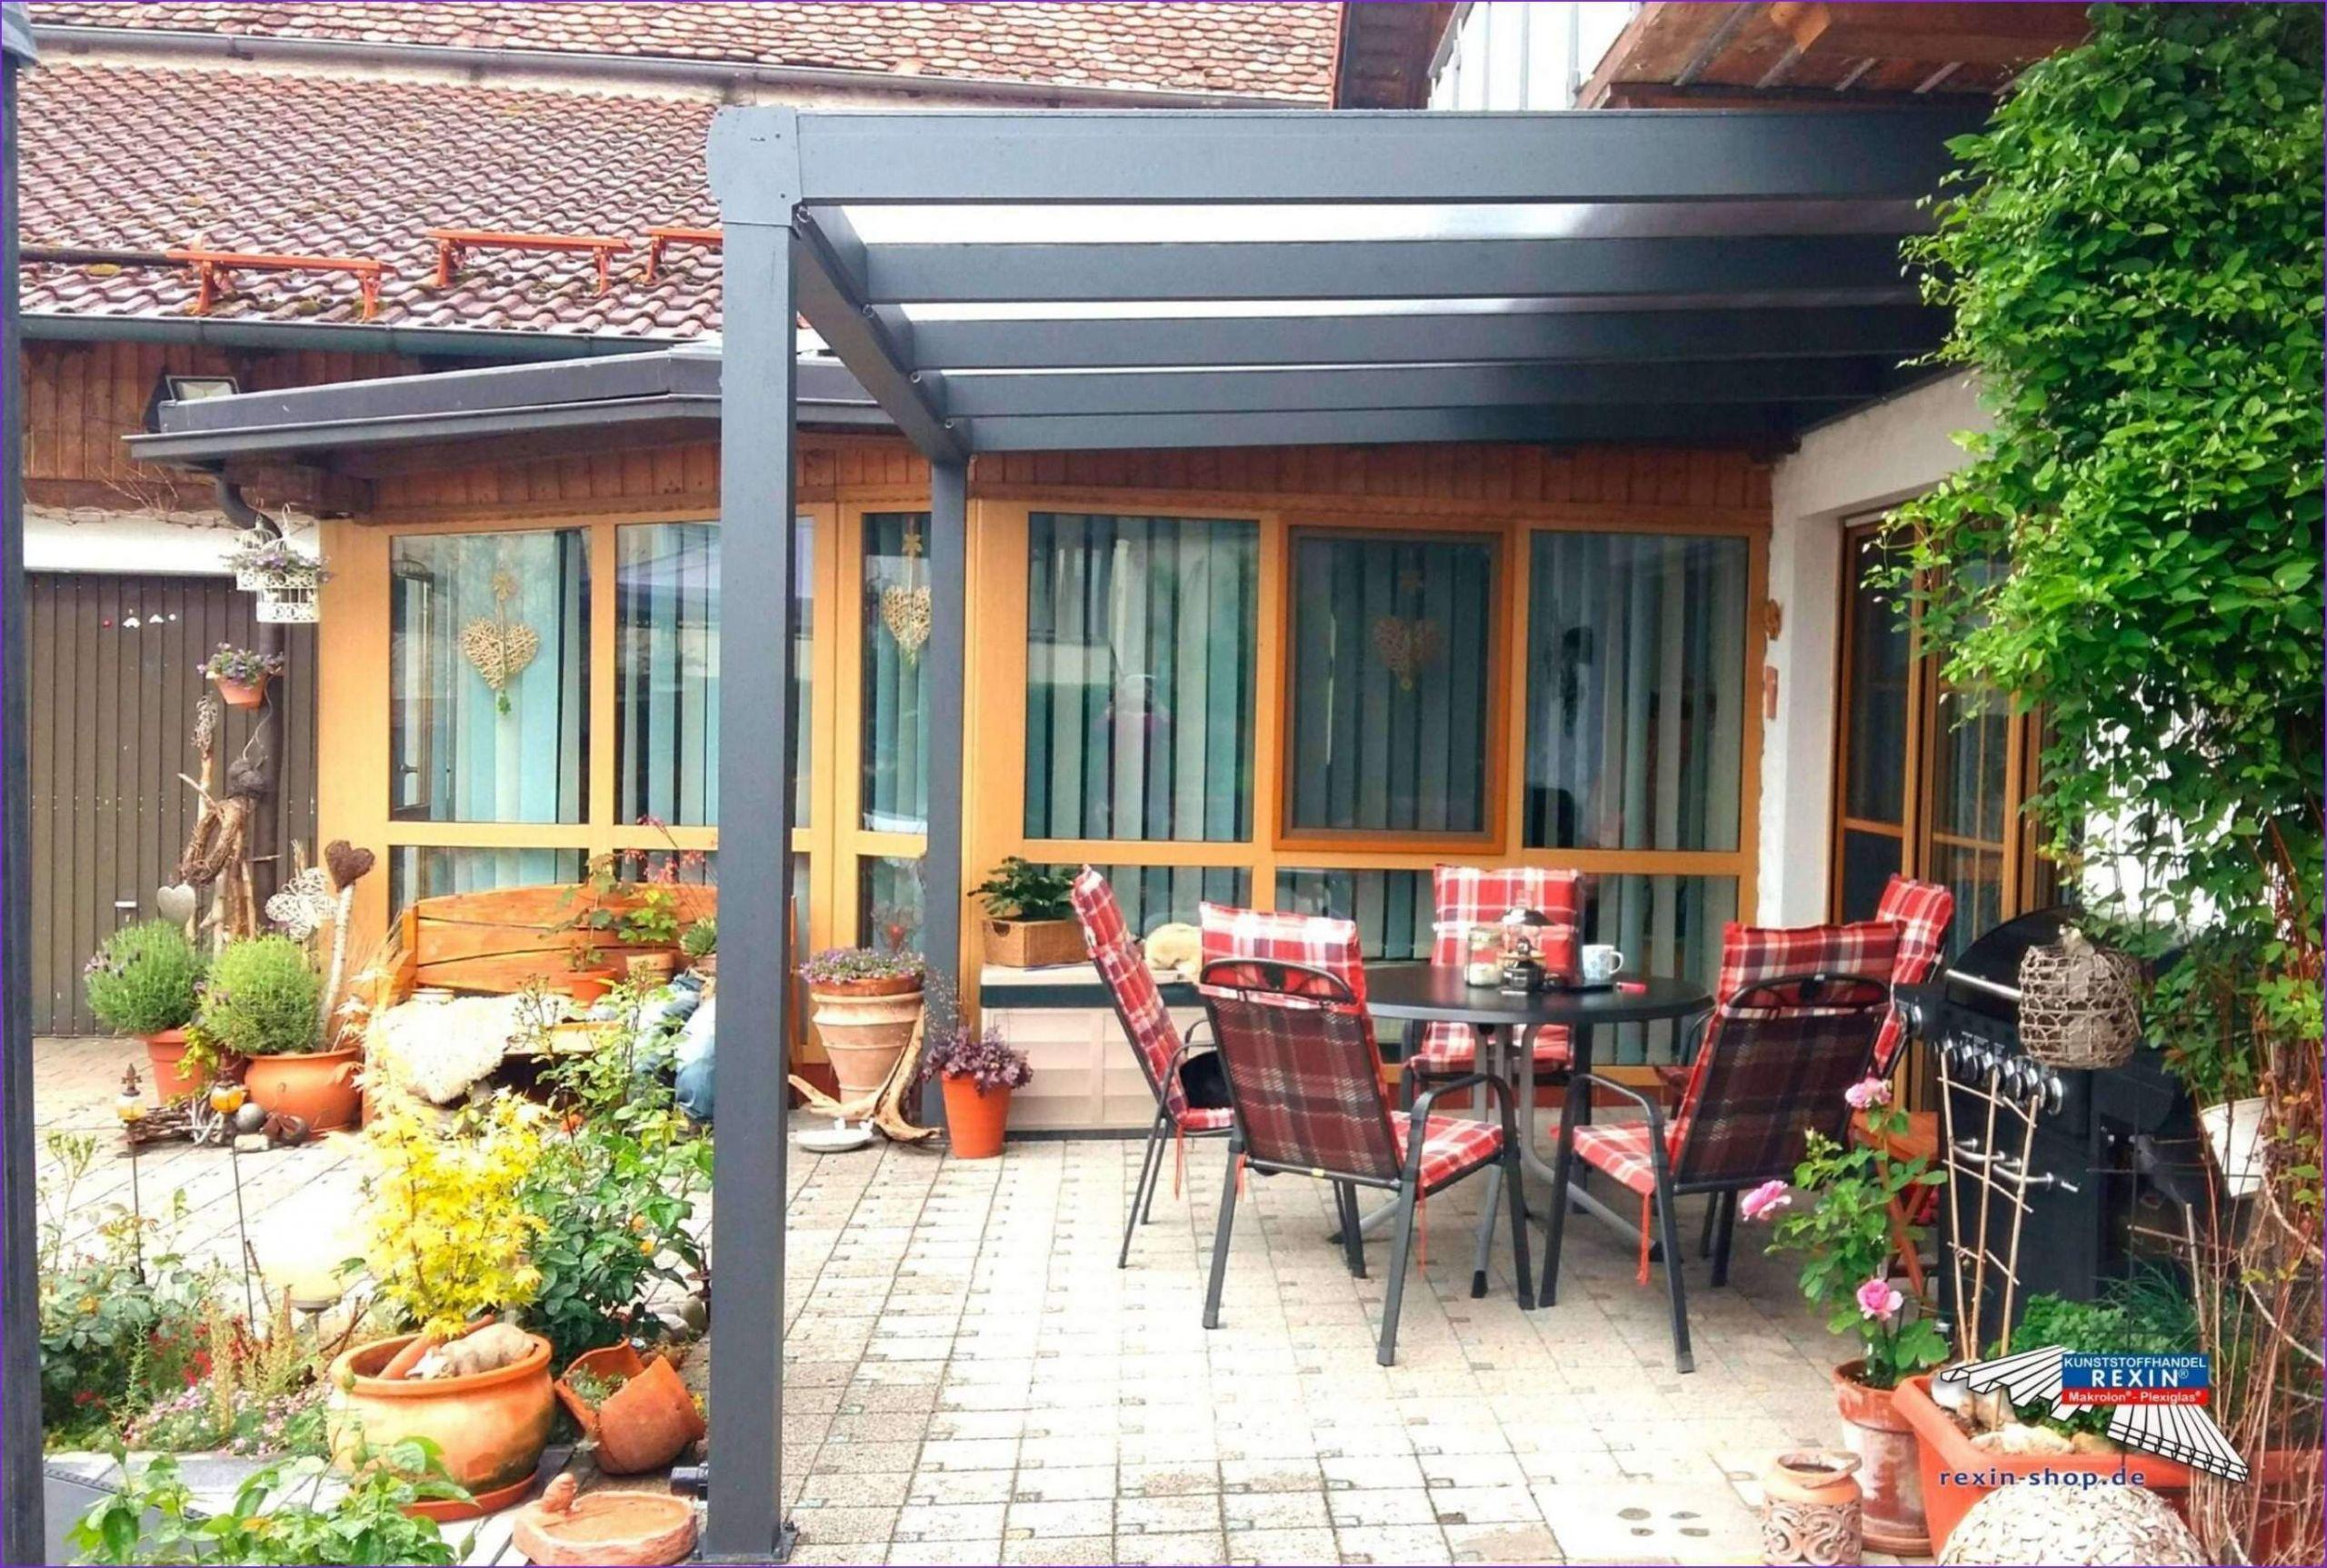 garten terrasse holz genial terrassen deko selbst gemacht temobardz home blog of garten terrasse holz scaled